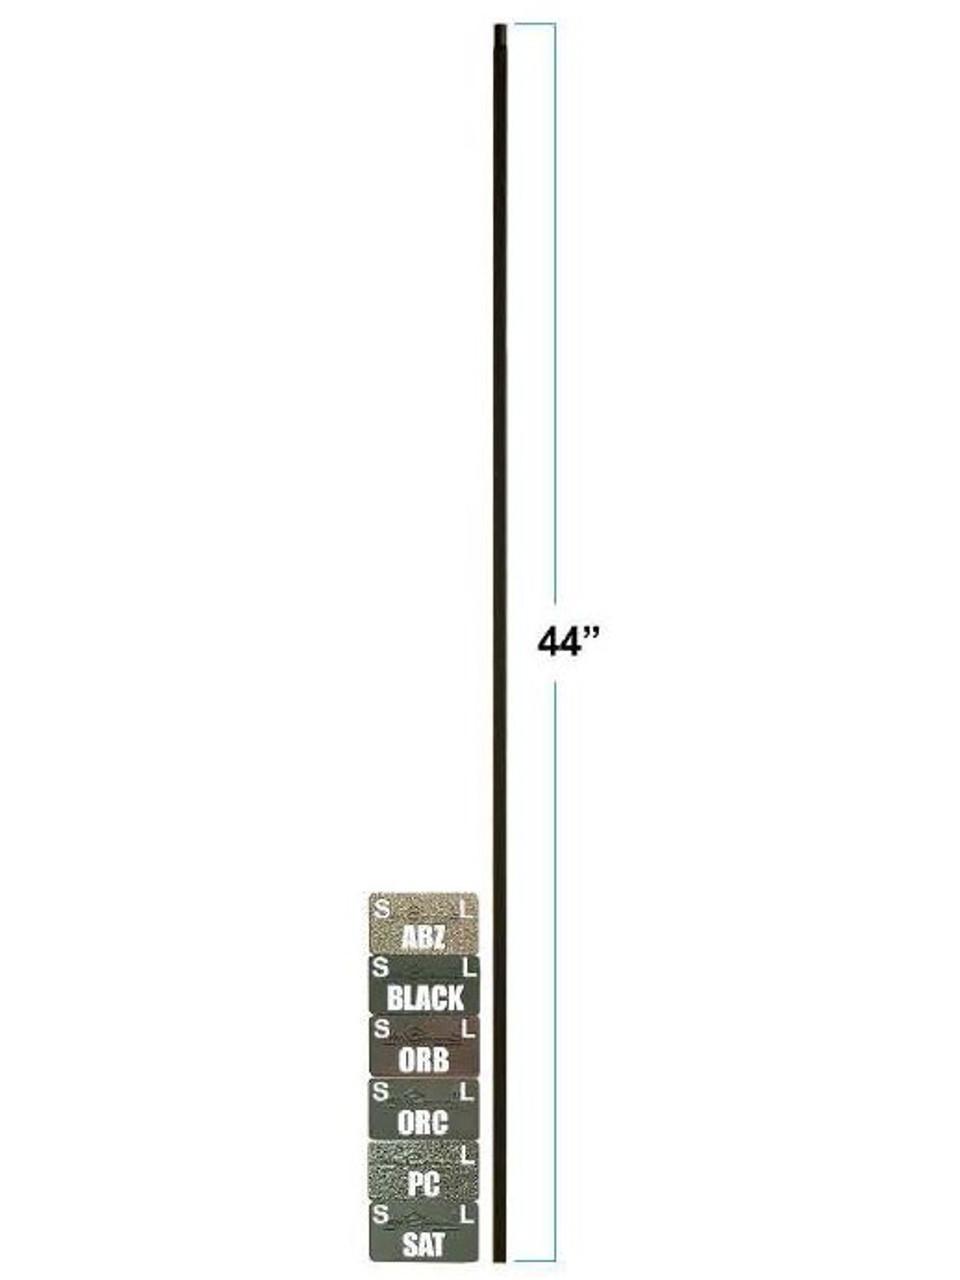 2555-T Plan Square Bar Tubular Steel Versatile Baluster, 12mm